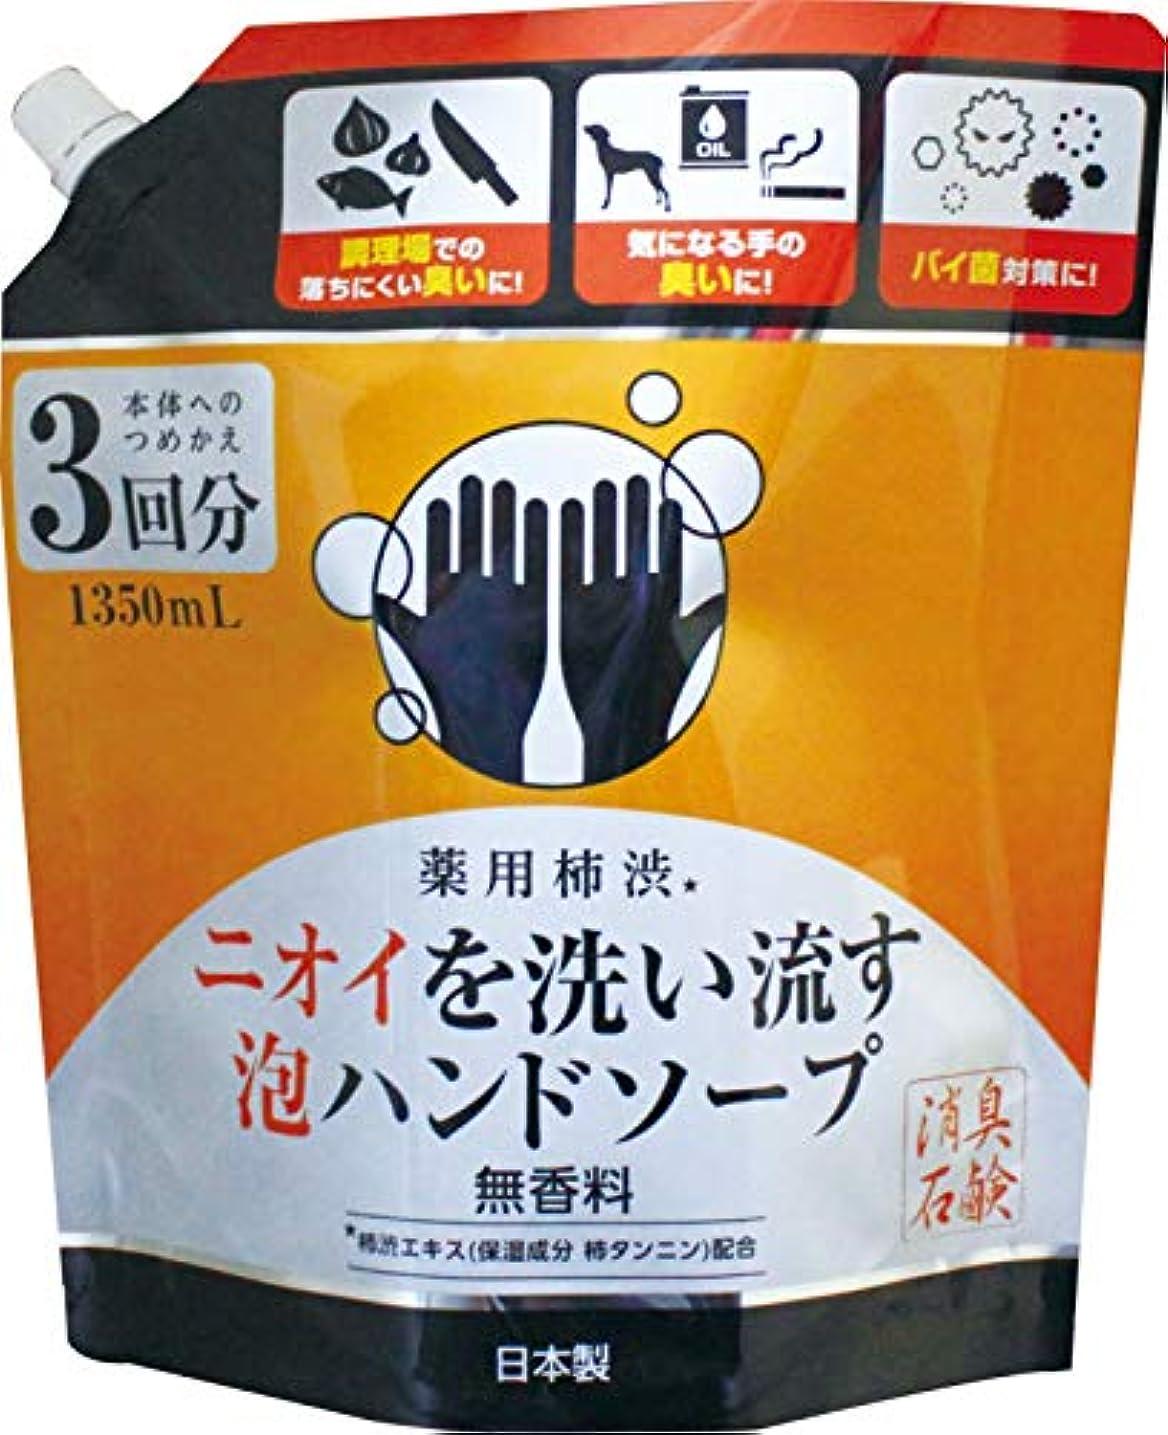 大工息子分注する薬用柿渋ニオイを洗い流す泡ハンドソープつめかえ大容量 詰替え用 1350ml